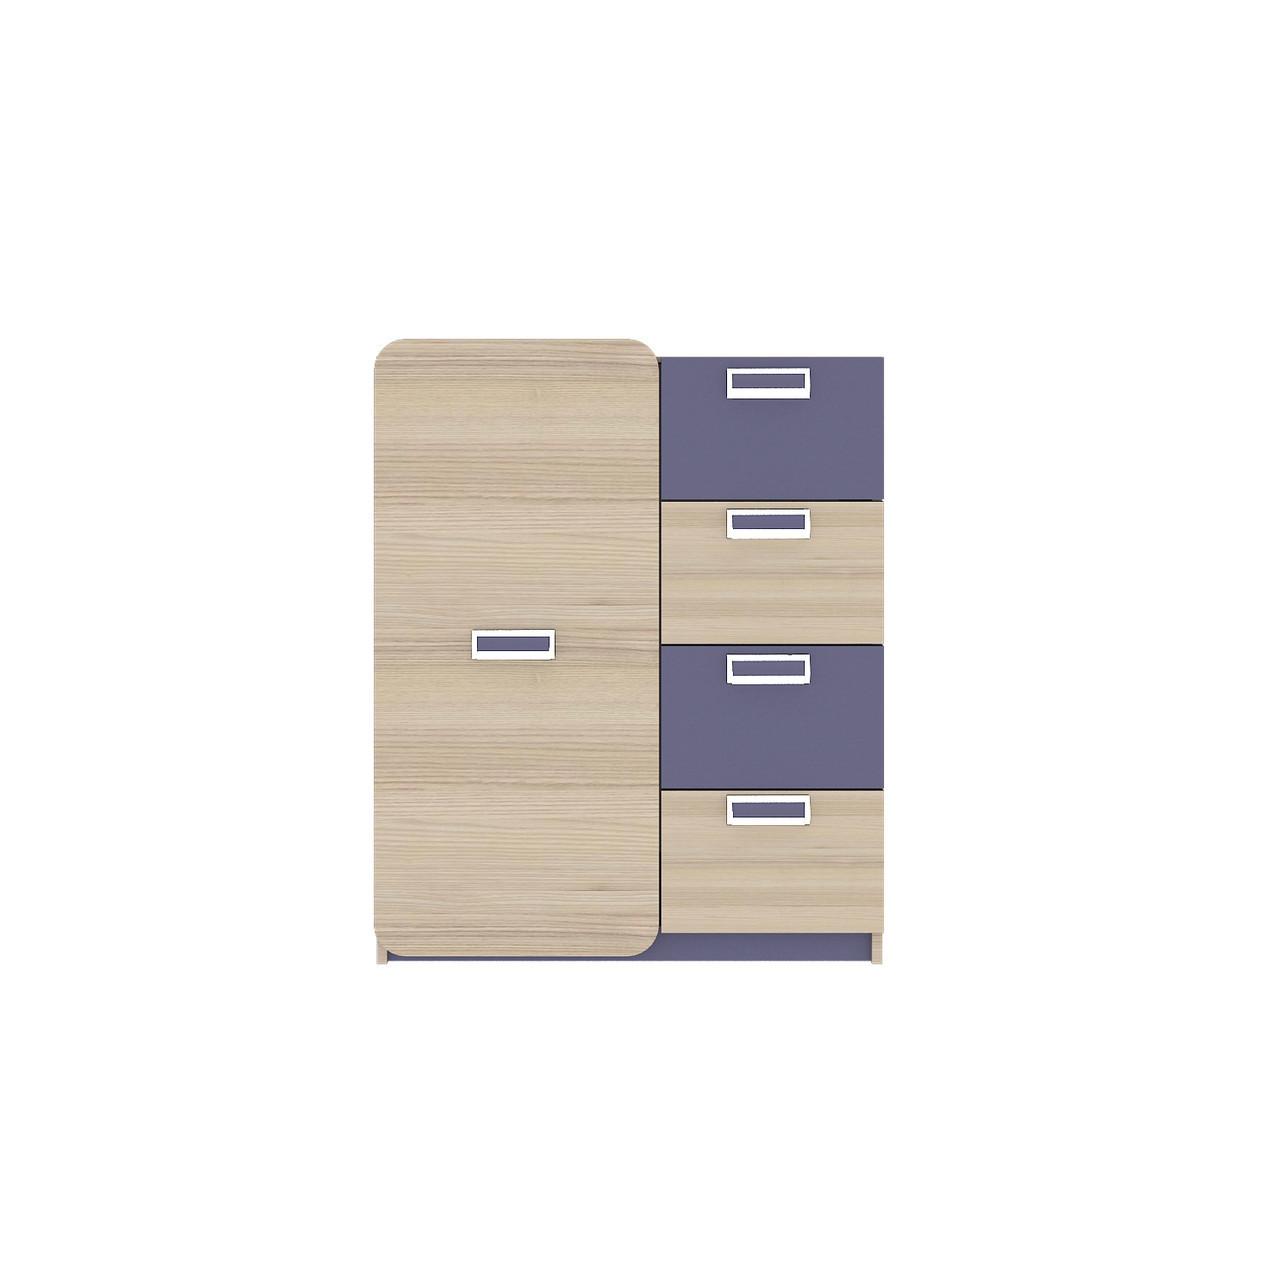 Комод в дитячу кімнату з ДСП/МДФ JASMINE S Blonski коімбра+фіолет синій